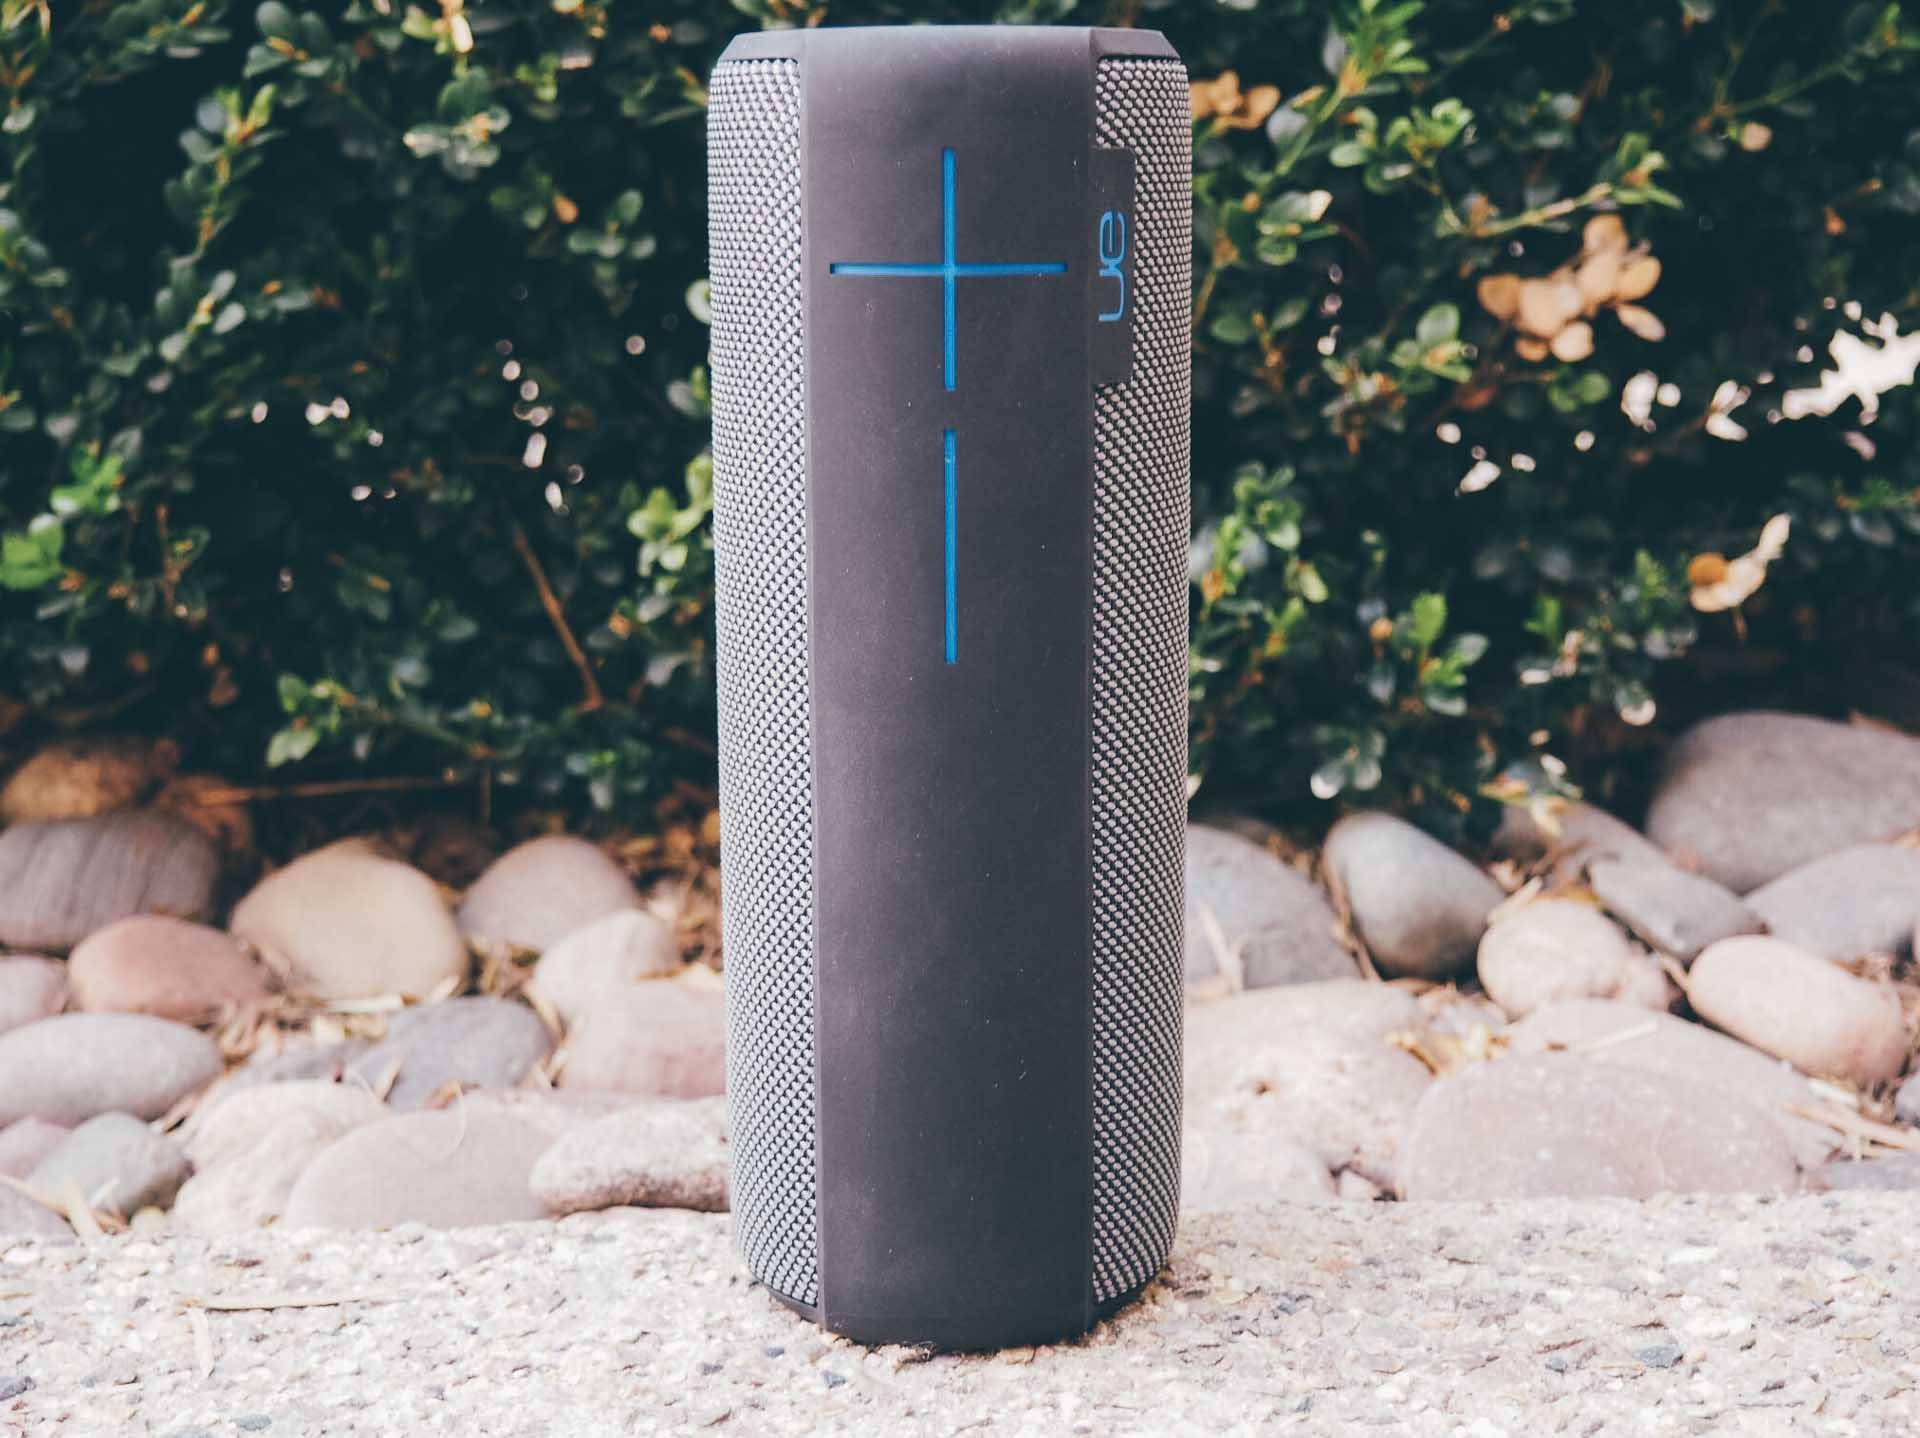 UE Megaboom Wireless Speaker — Tools and Toys